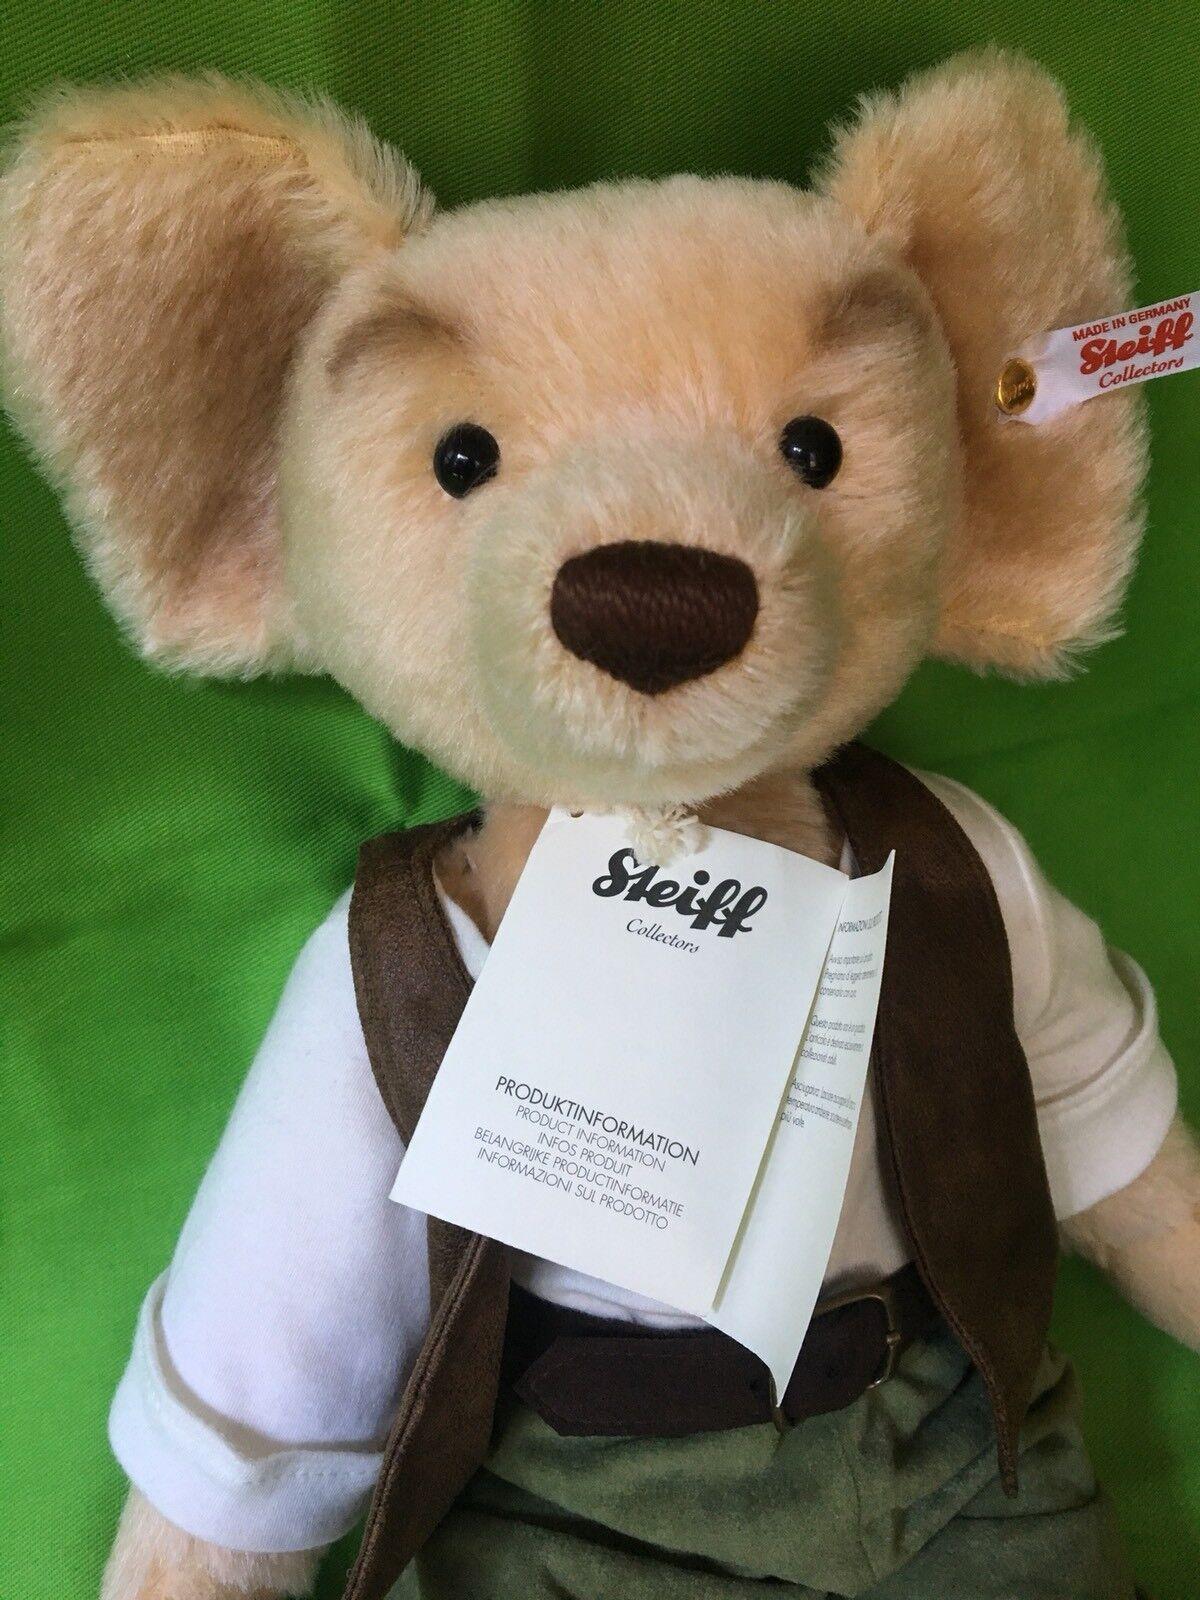 BRAND NEW STEIFF The Big Friendly Giant Teddy Bear 15 15 15 inch tall mohair w tags aaae94